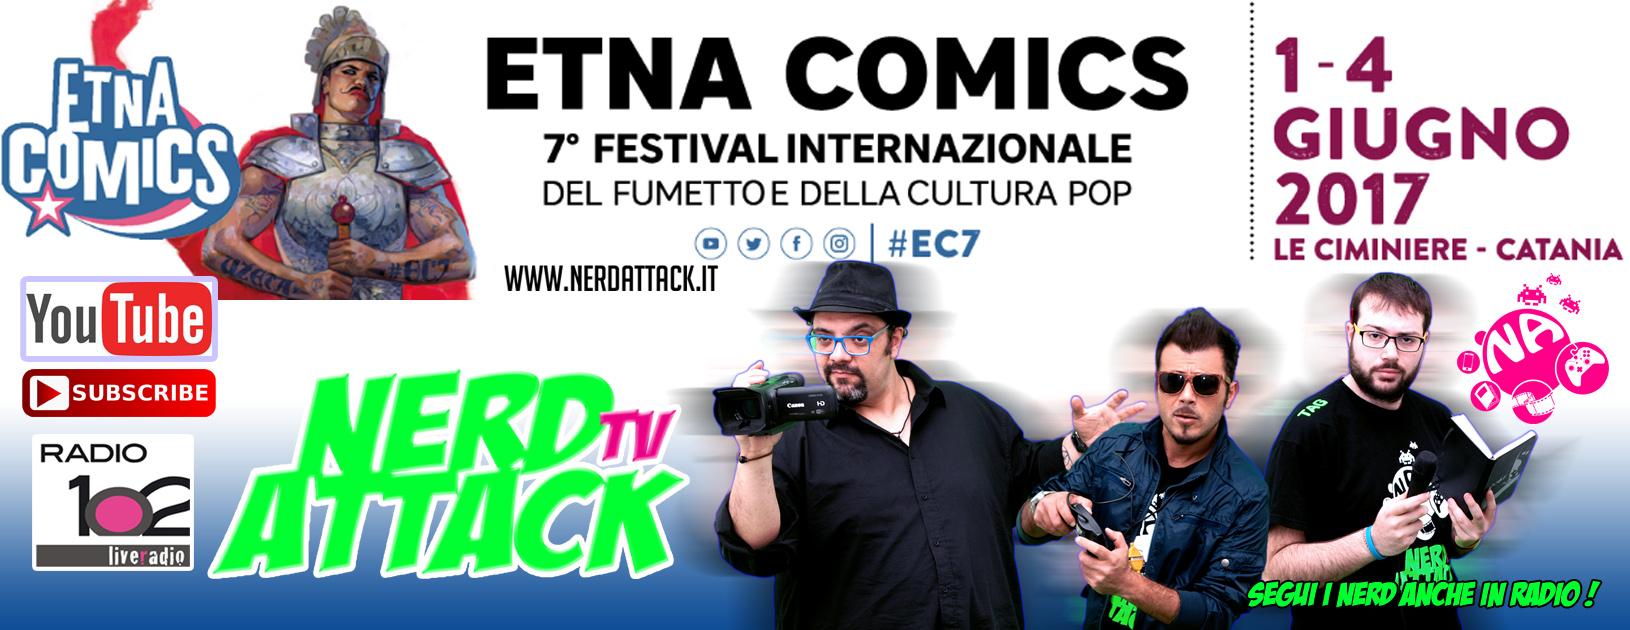 Next stop: ETNA COMICS 2017!